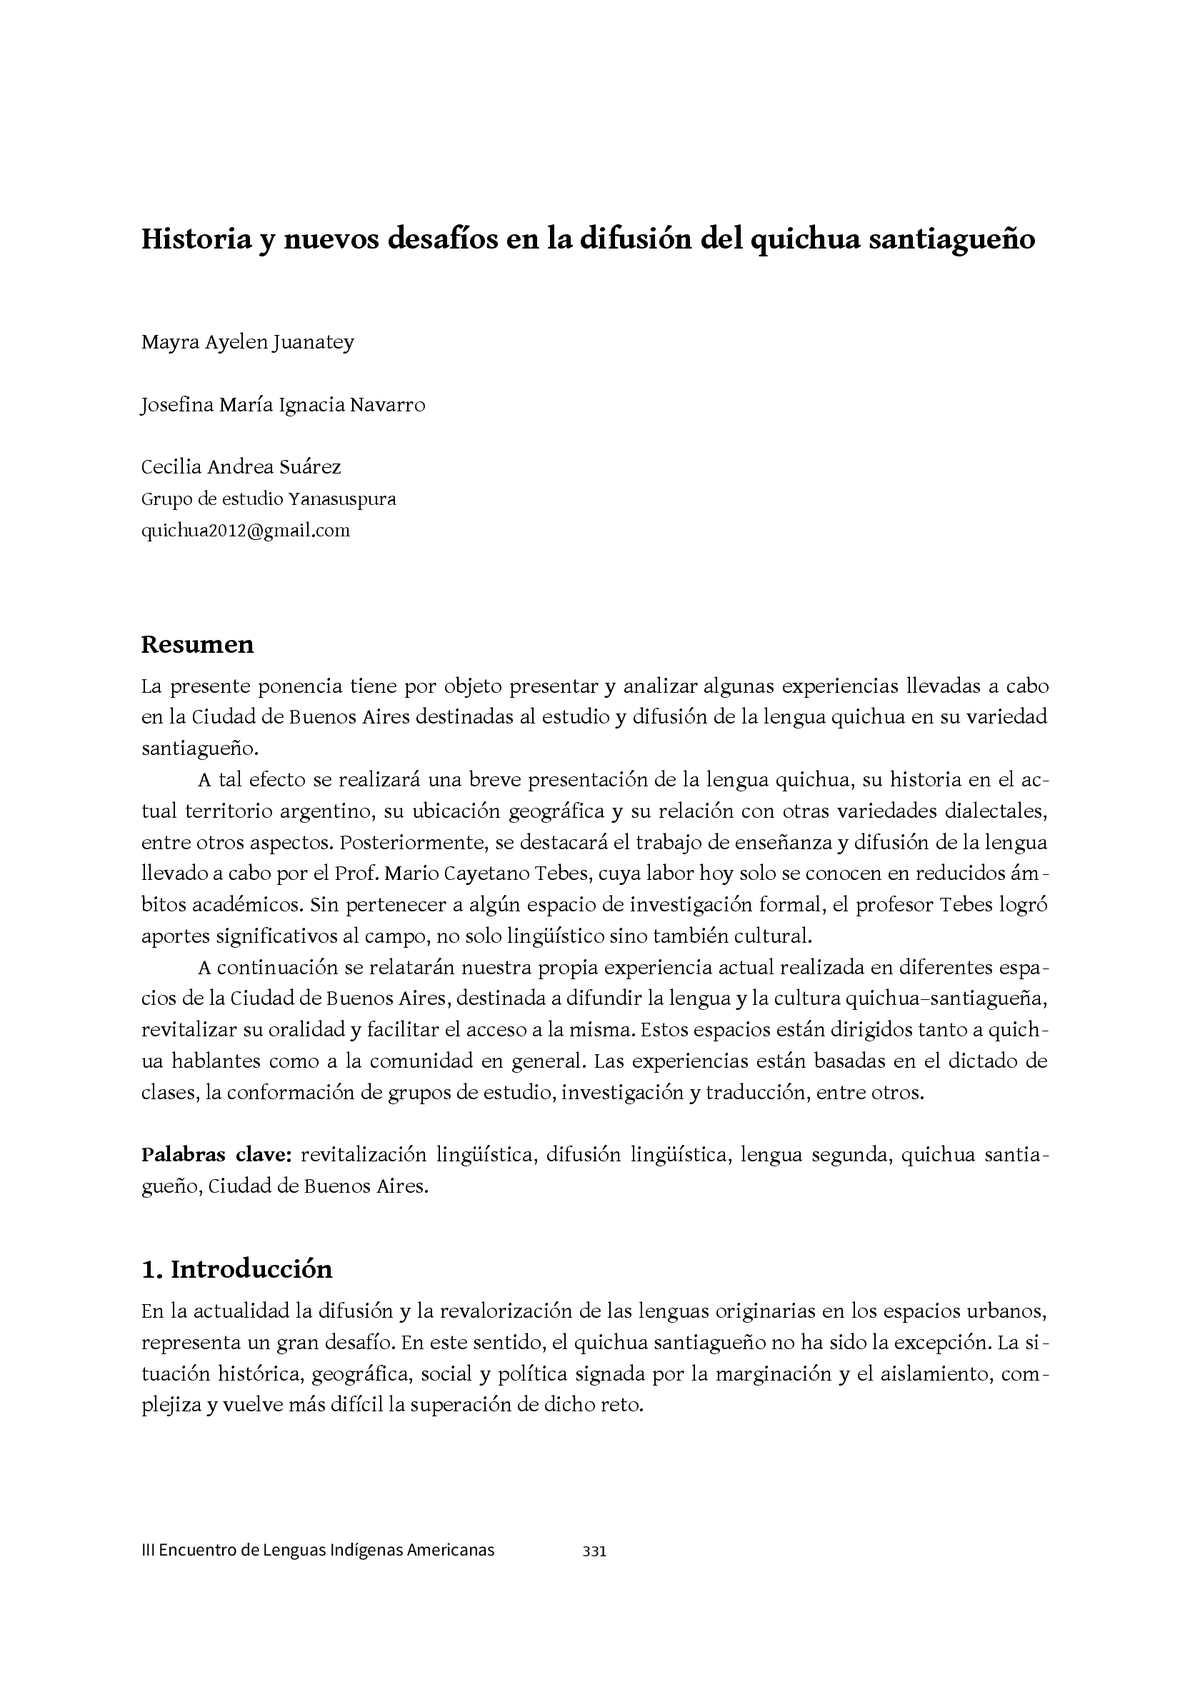 Calaméo - III Encuentro de Lenguas Indígenas Americanas (ELIA) Parte II